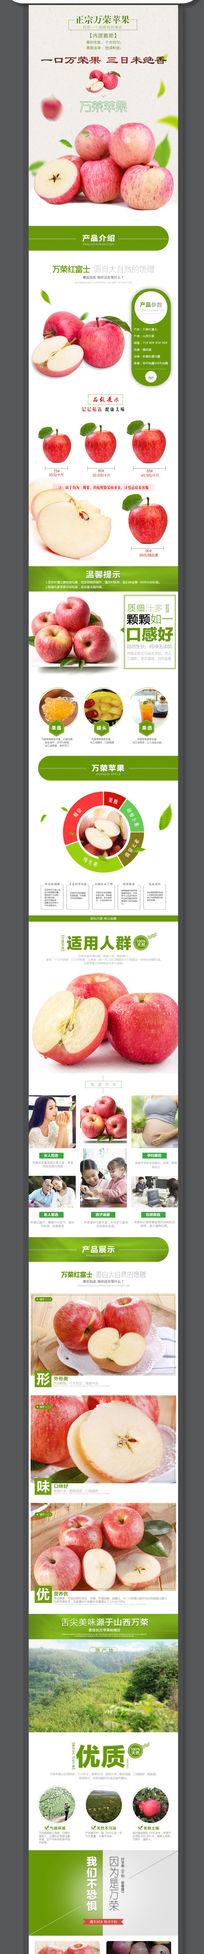 宝天猫红富士苹果详情页图片下载